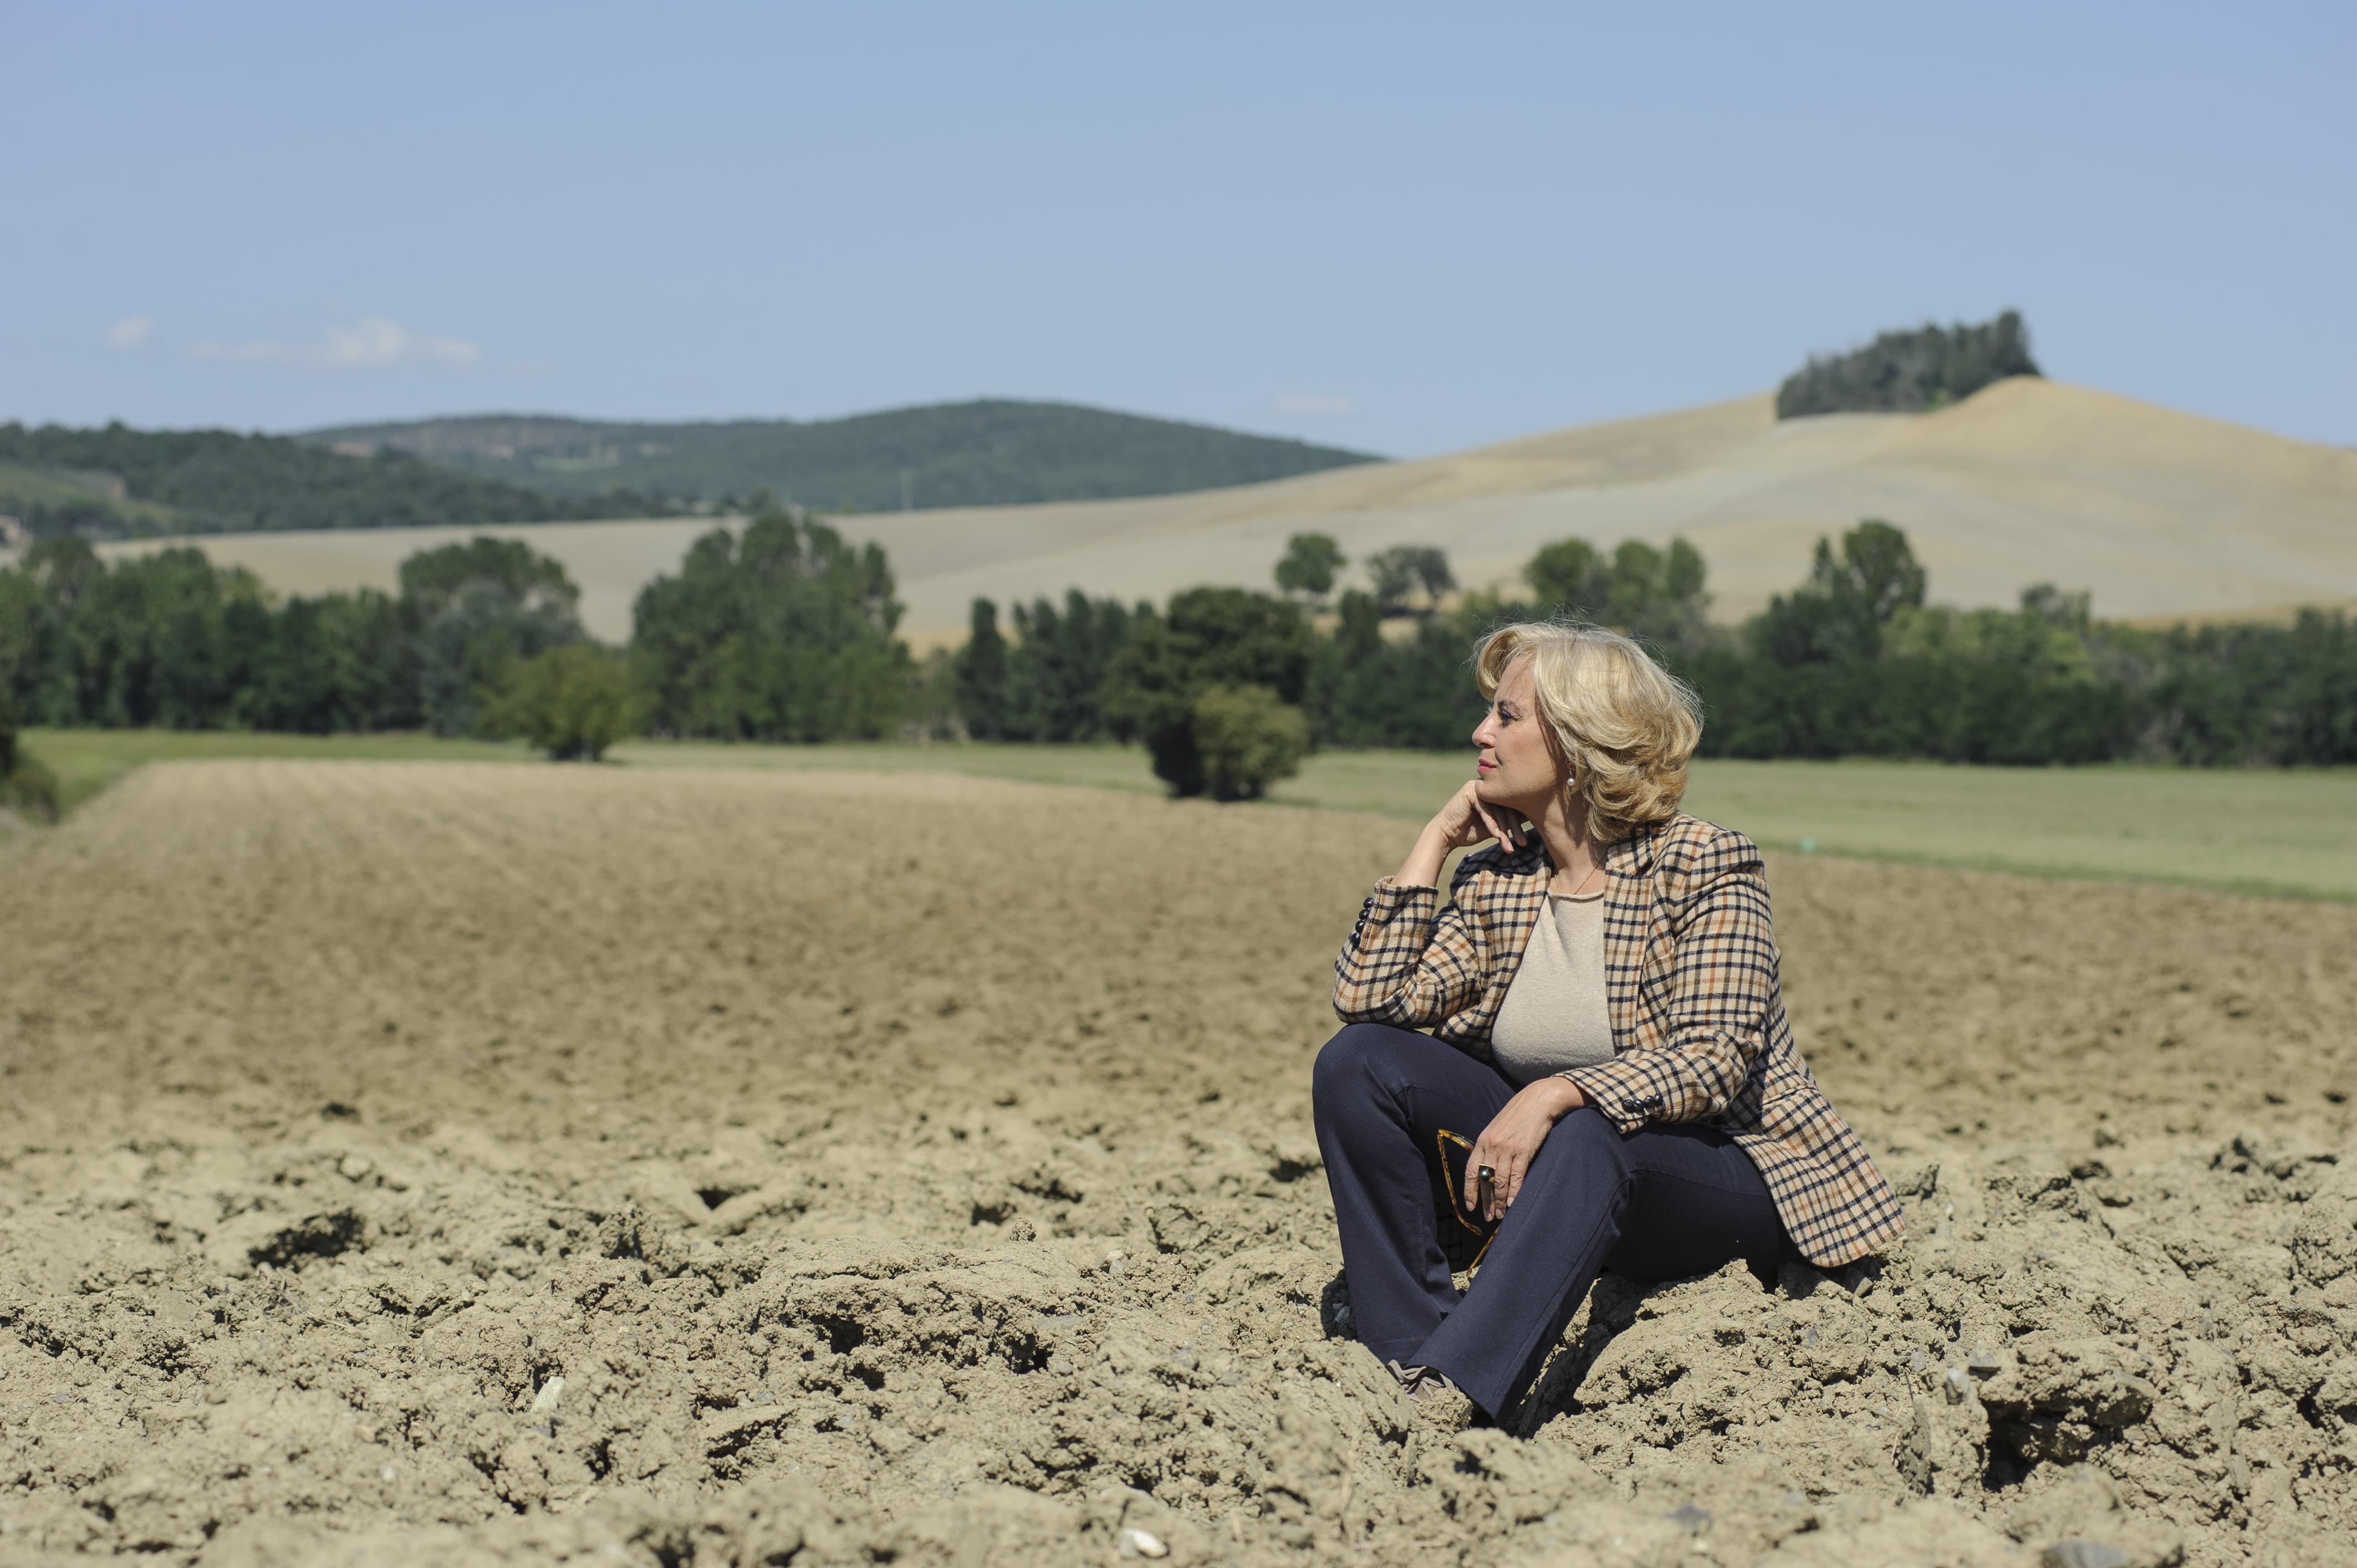 Tenute Silvio Nardi 's Brunello 2016, A natural cycle of elegance